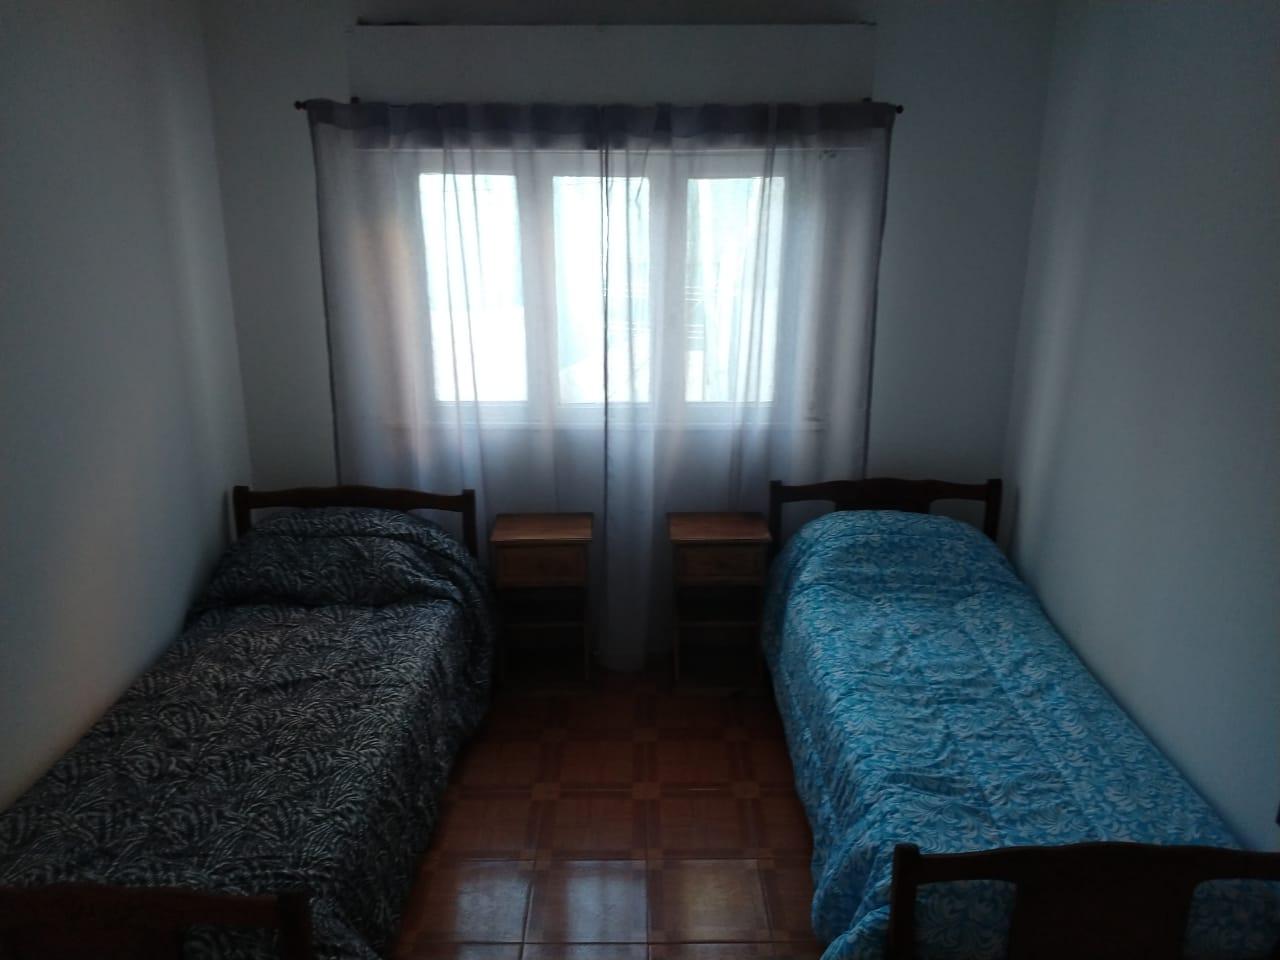 Habitaciones compartidas San Martin Zona Norte BsAs